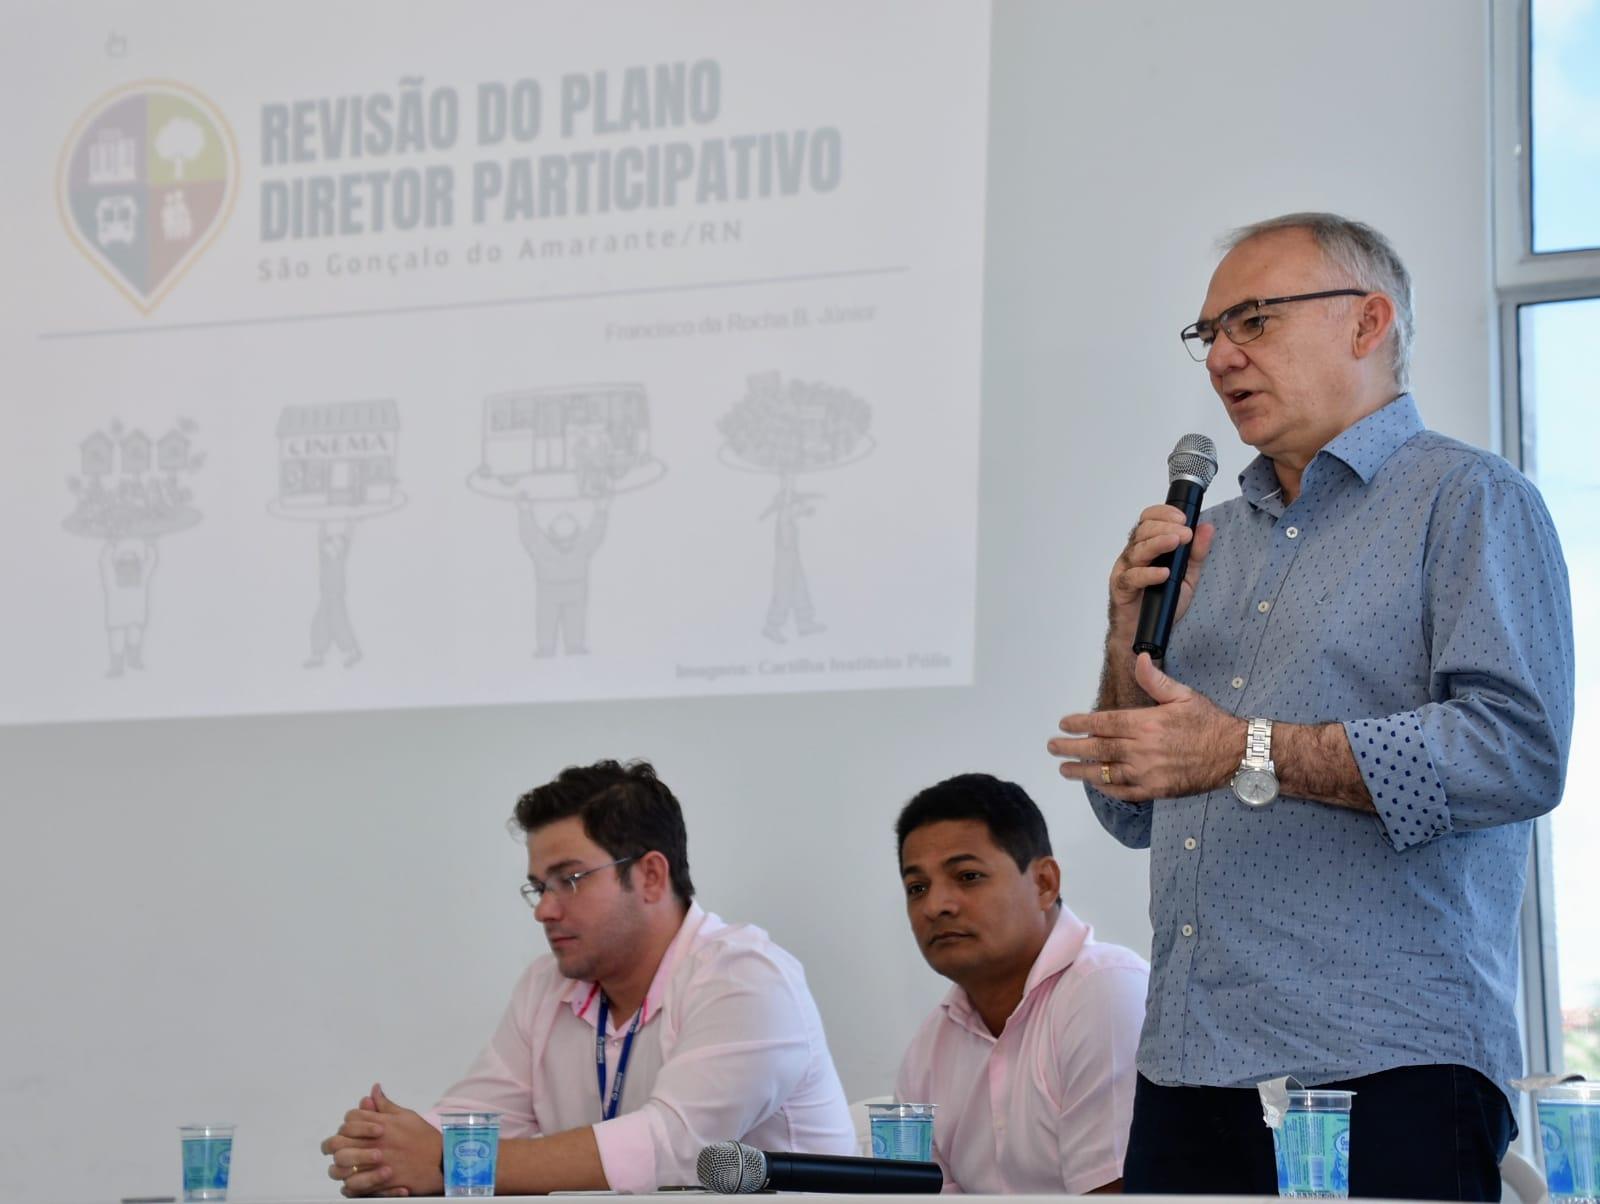 Plano Diretor : prorrogado prazo para contribuição no Diagnóstico Integrado